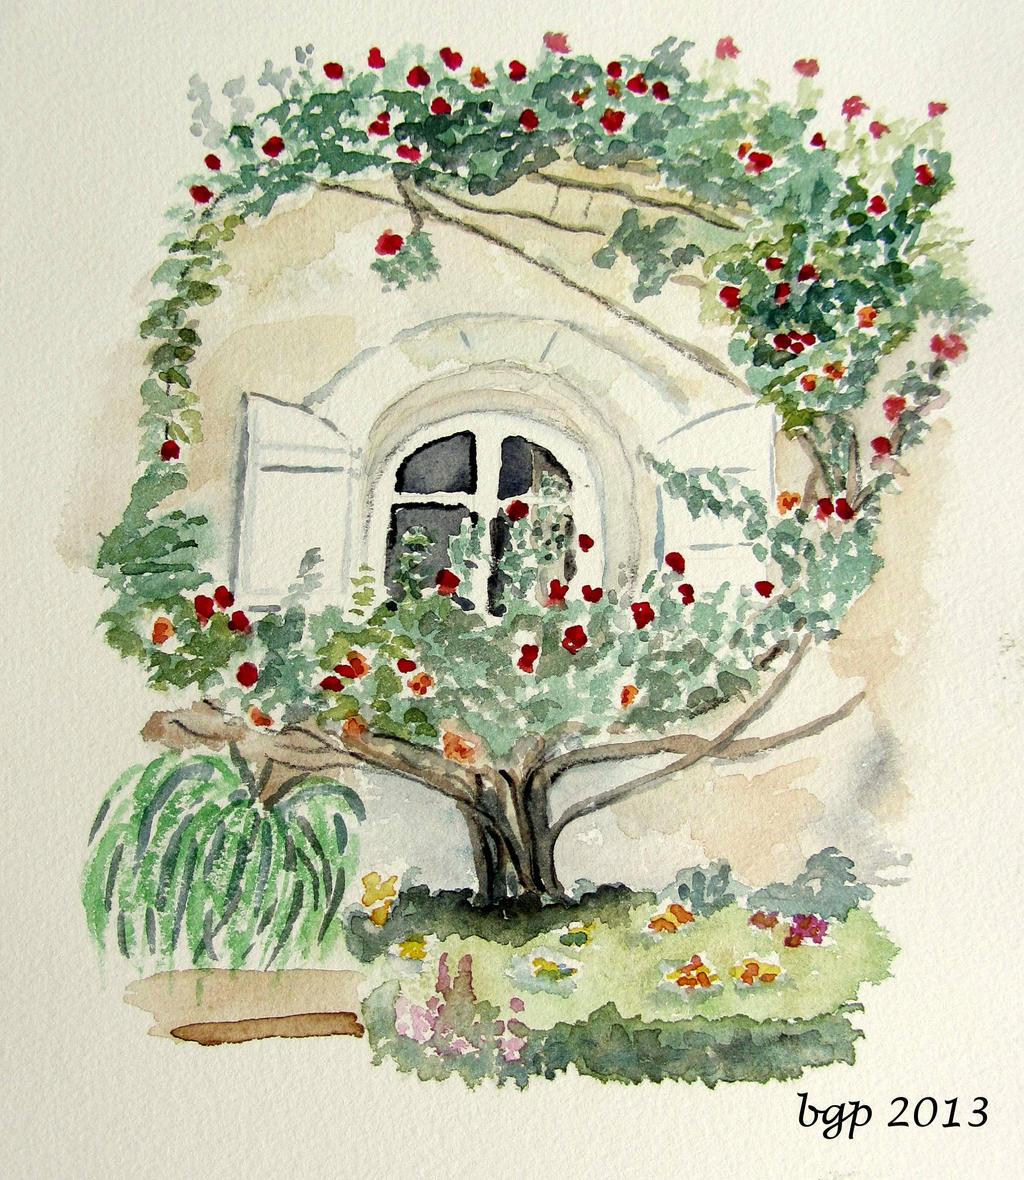 Le rosiers devant la fenetre by manette64